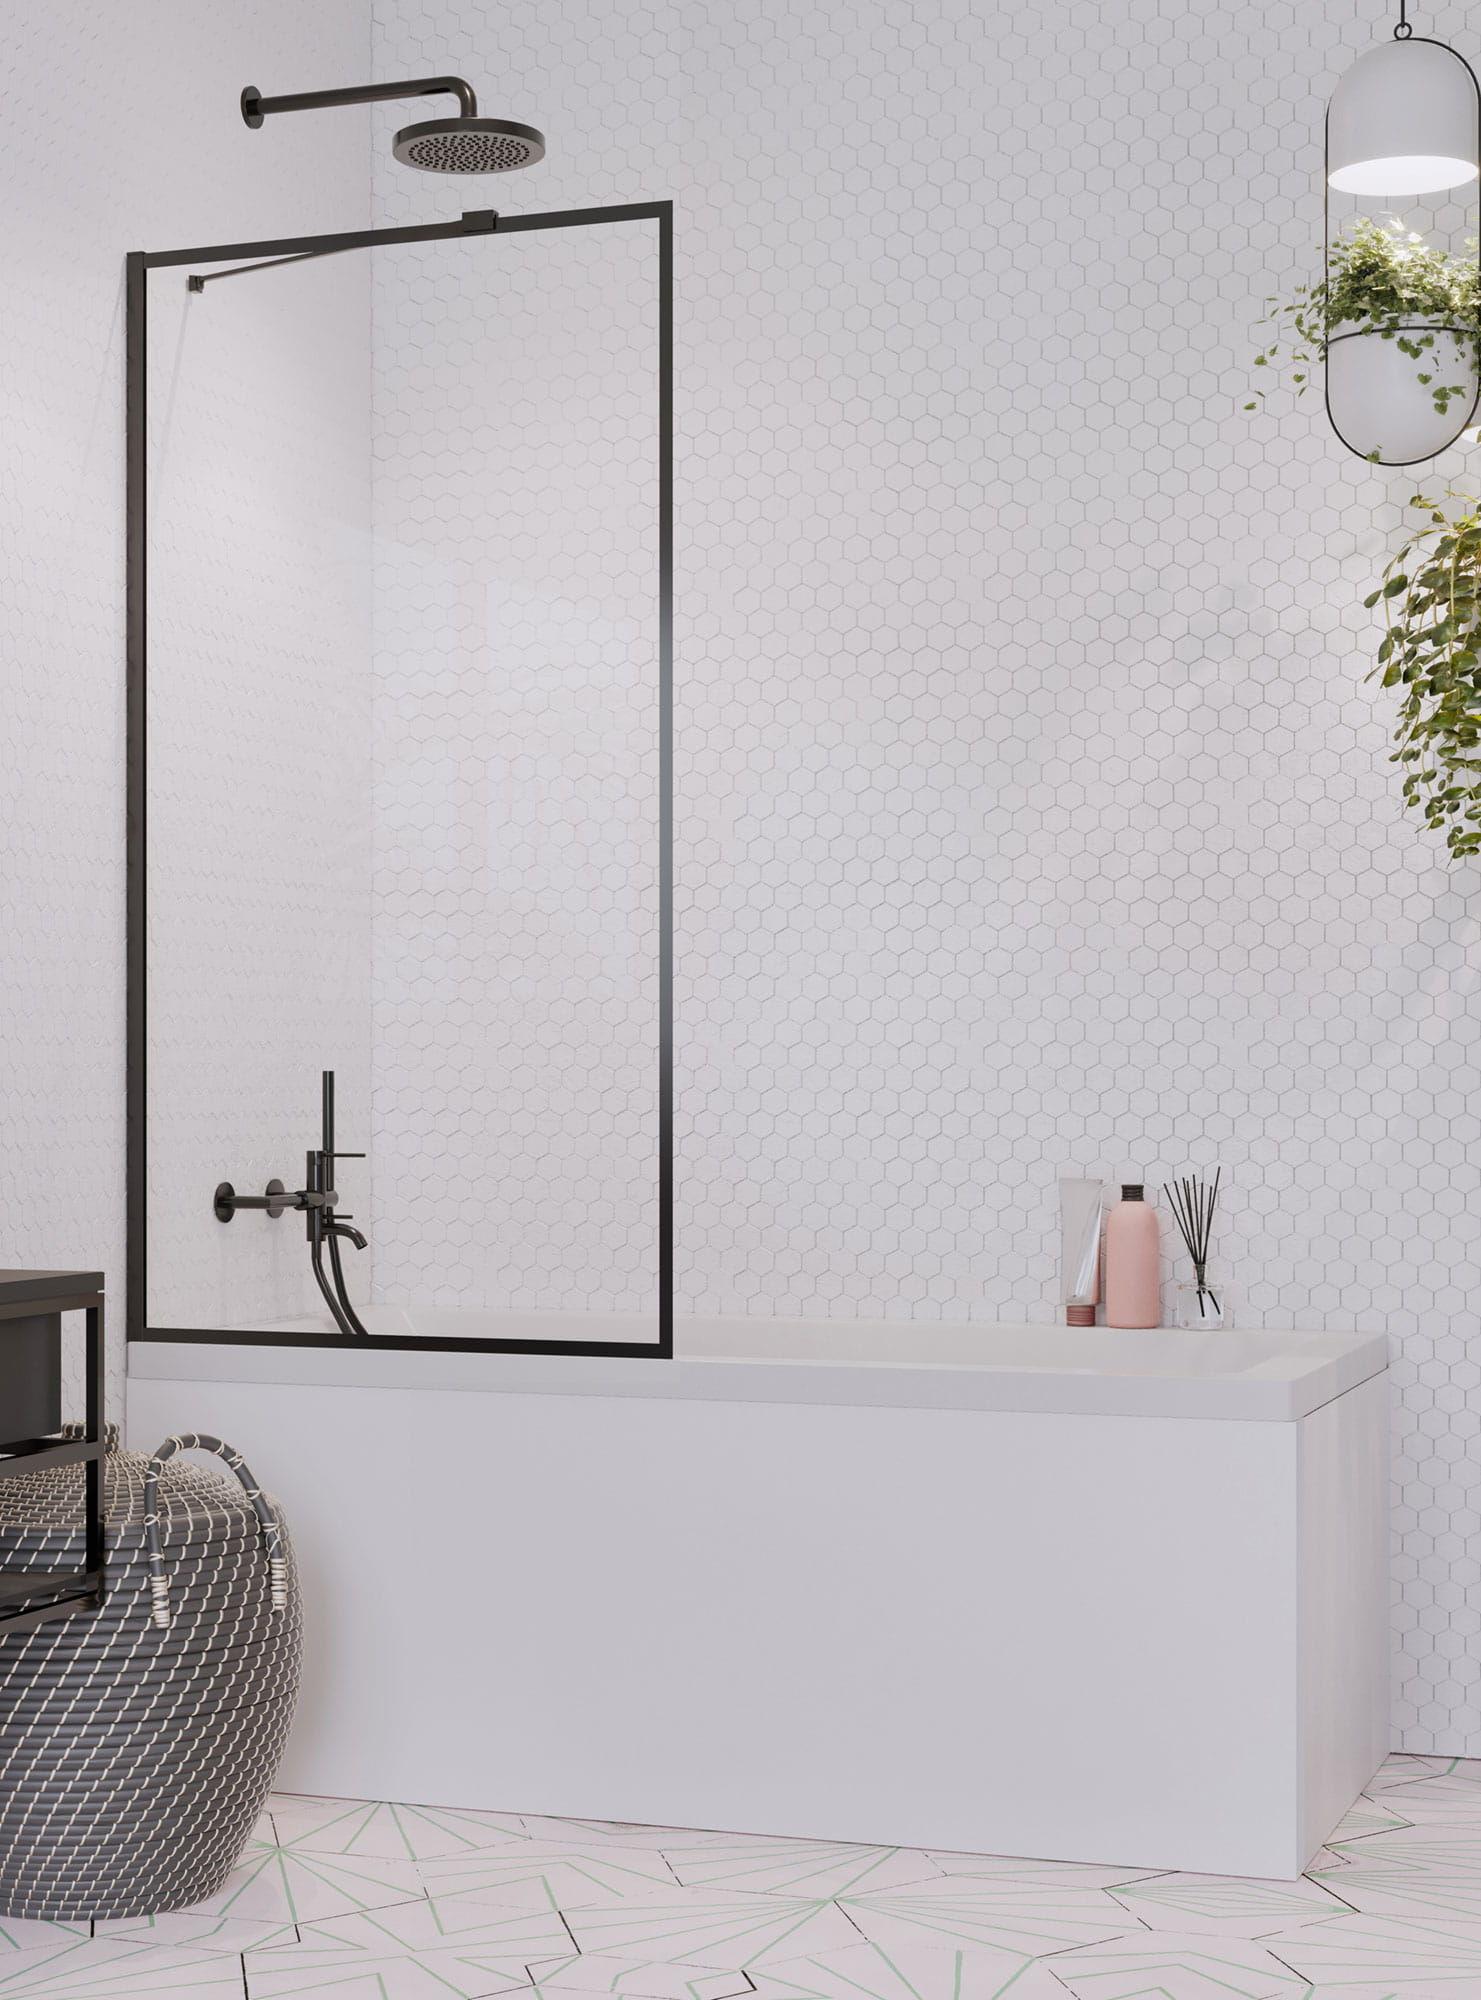 Radaway parawan nawannowy Idea Black PNJ Frame 90 cm, szkło przejrzyste, wys. 150 cm 10001090-54-56